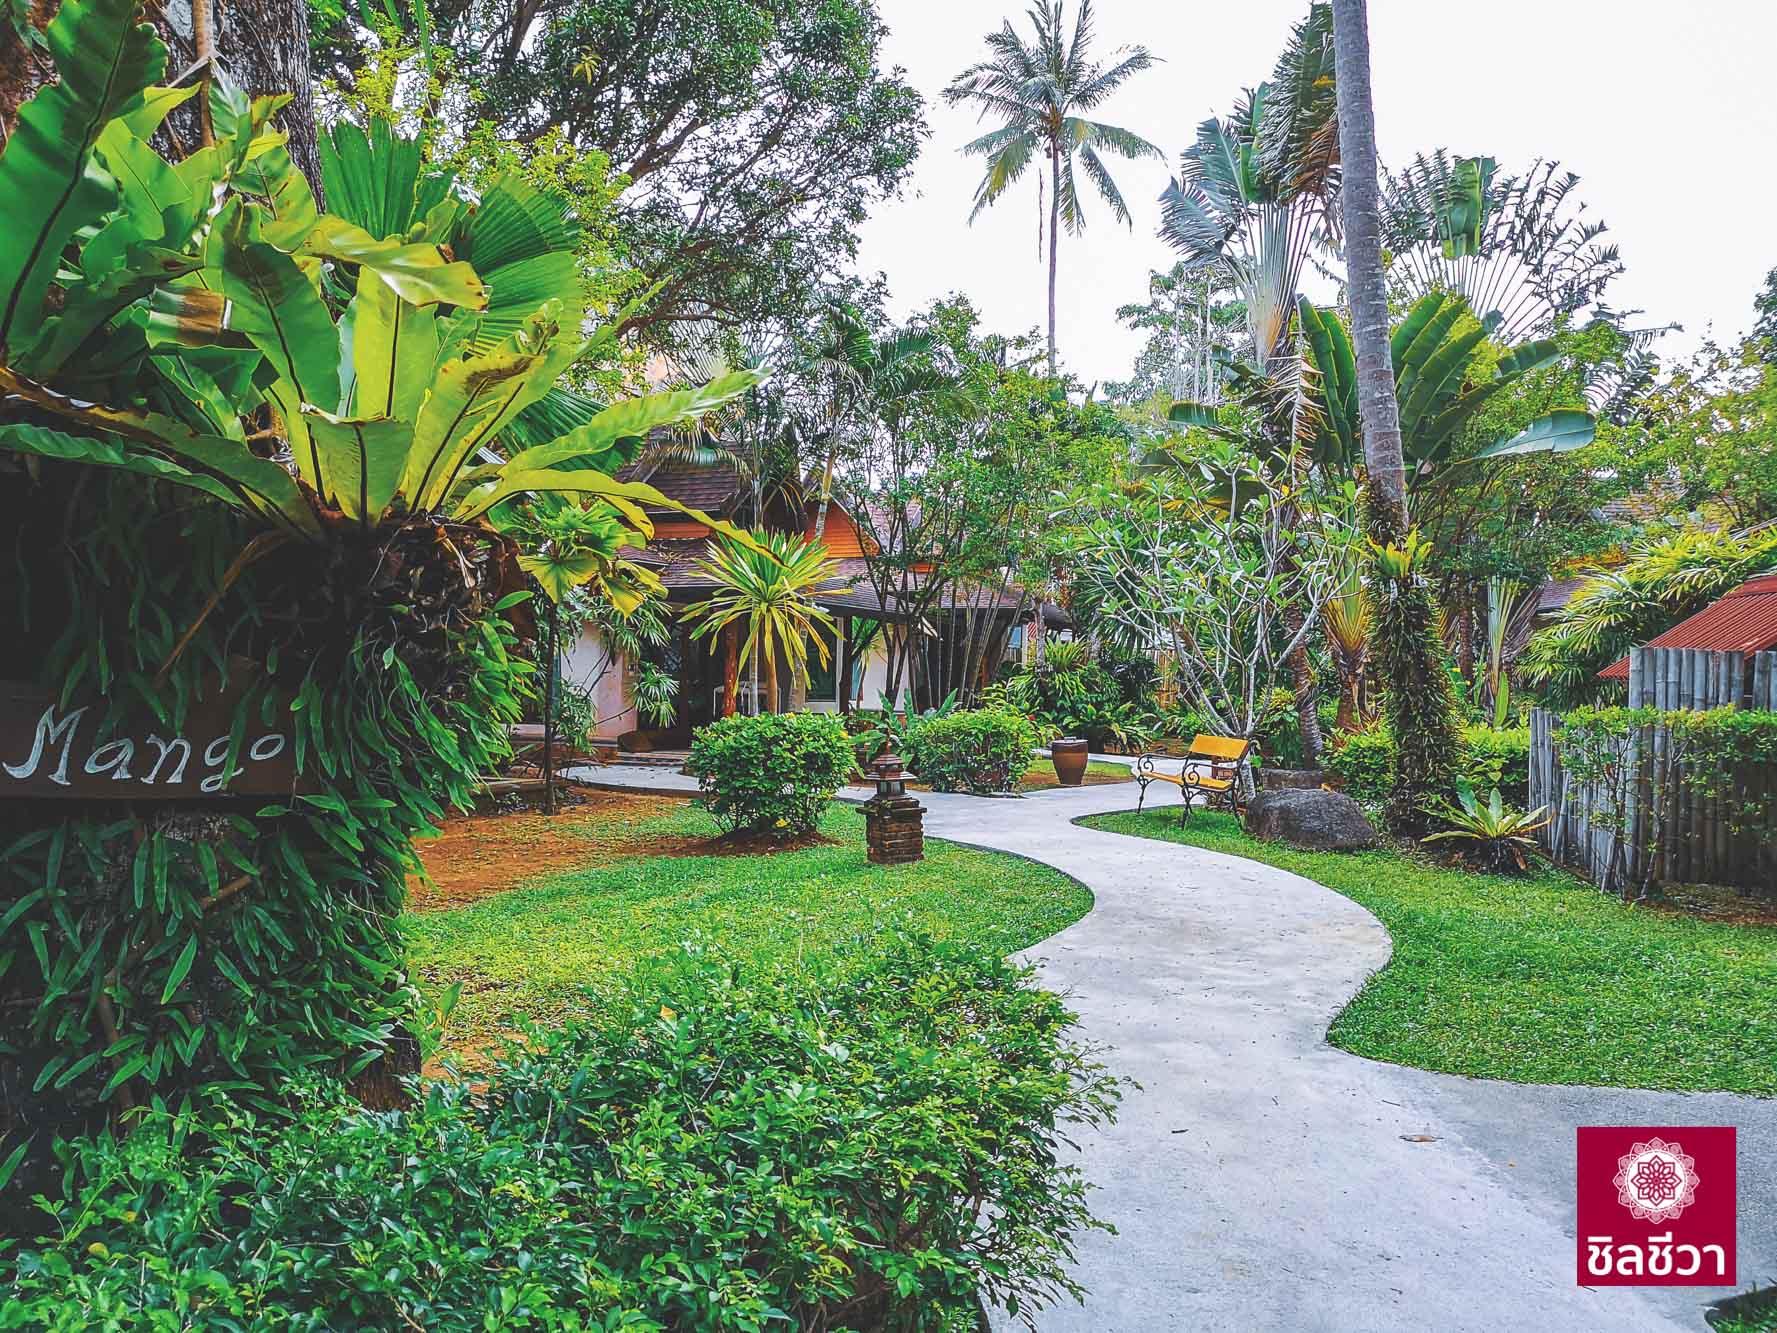 ซันไรท์ ทรอปิคอล รีสอร์ท (Sunrise Tropical Resort) ไร่เลย์ กระบี่  ซันไรท์ ทรอปิคอล รีสอร์ท รีสอร์ทงามๆ บนเกาะไร่เลย์ กระบี่ IMG 20181010 165010